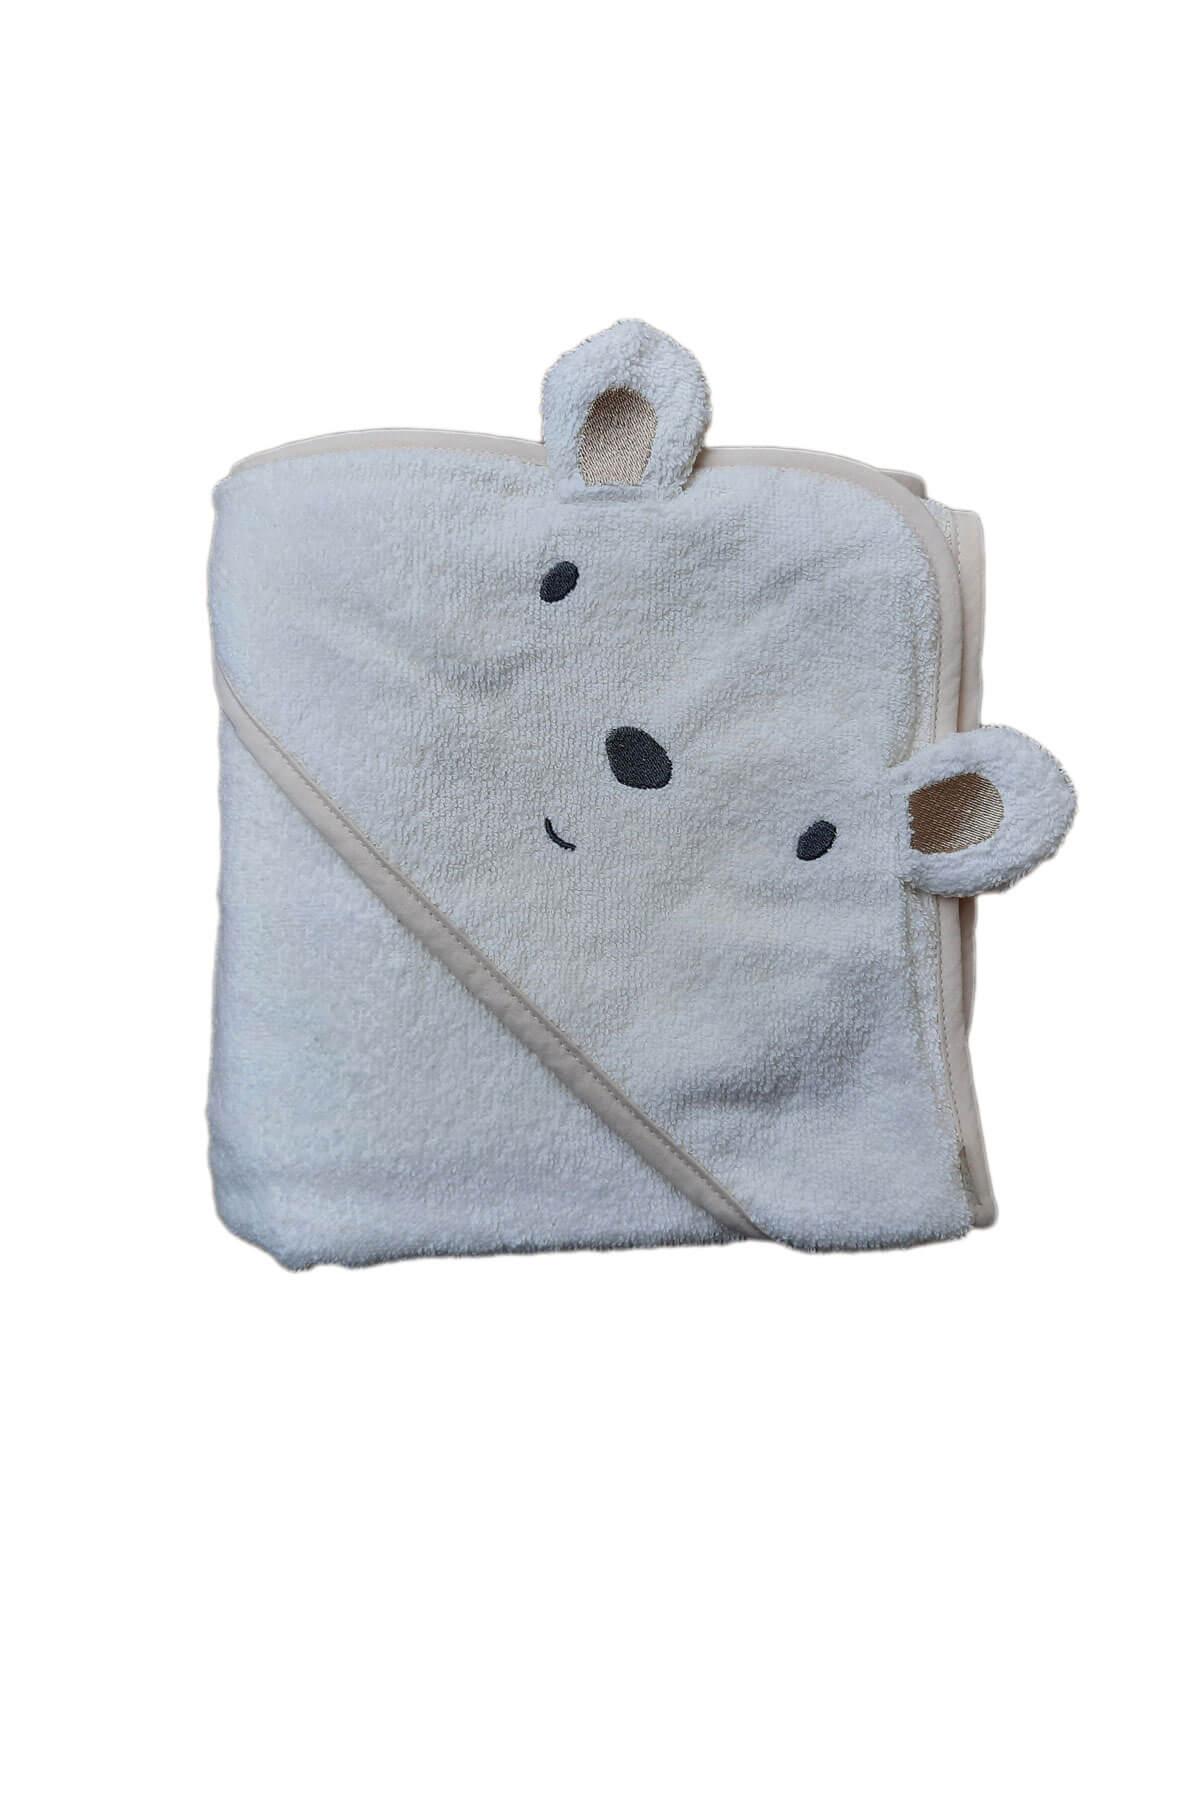 Bebek Kundak Banyo Havlusu Kulaklı Kapşonlu Bebek Havlusu 75x75